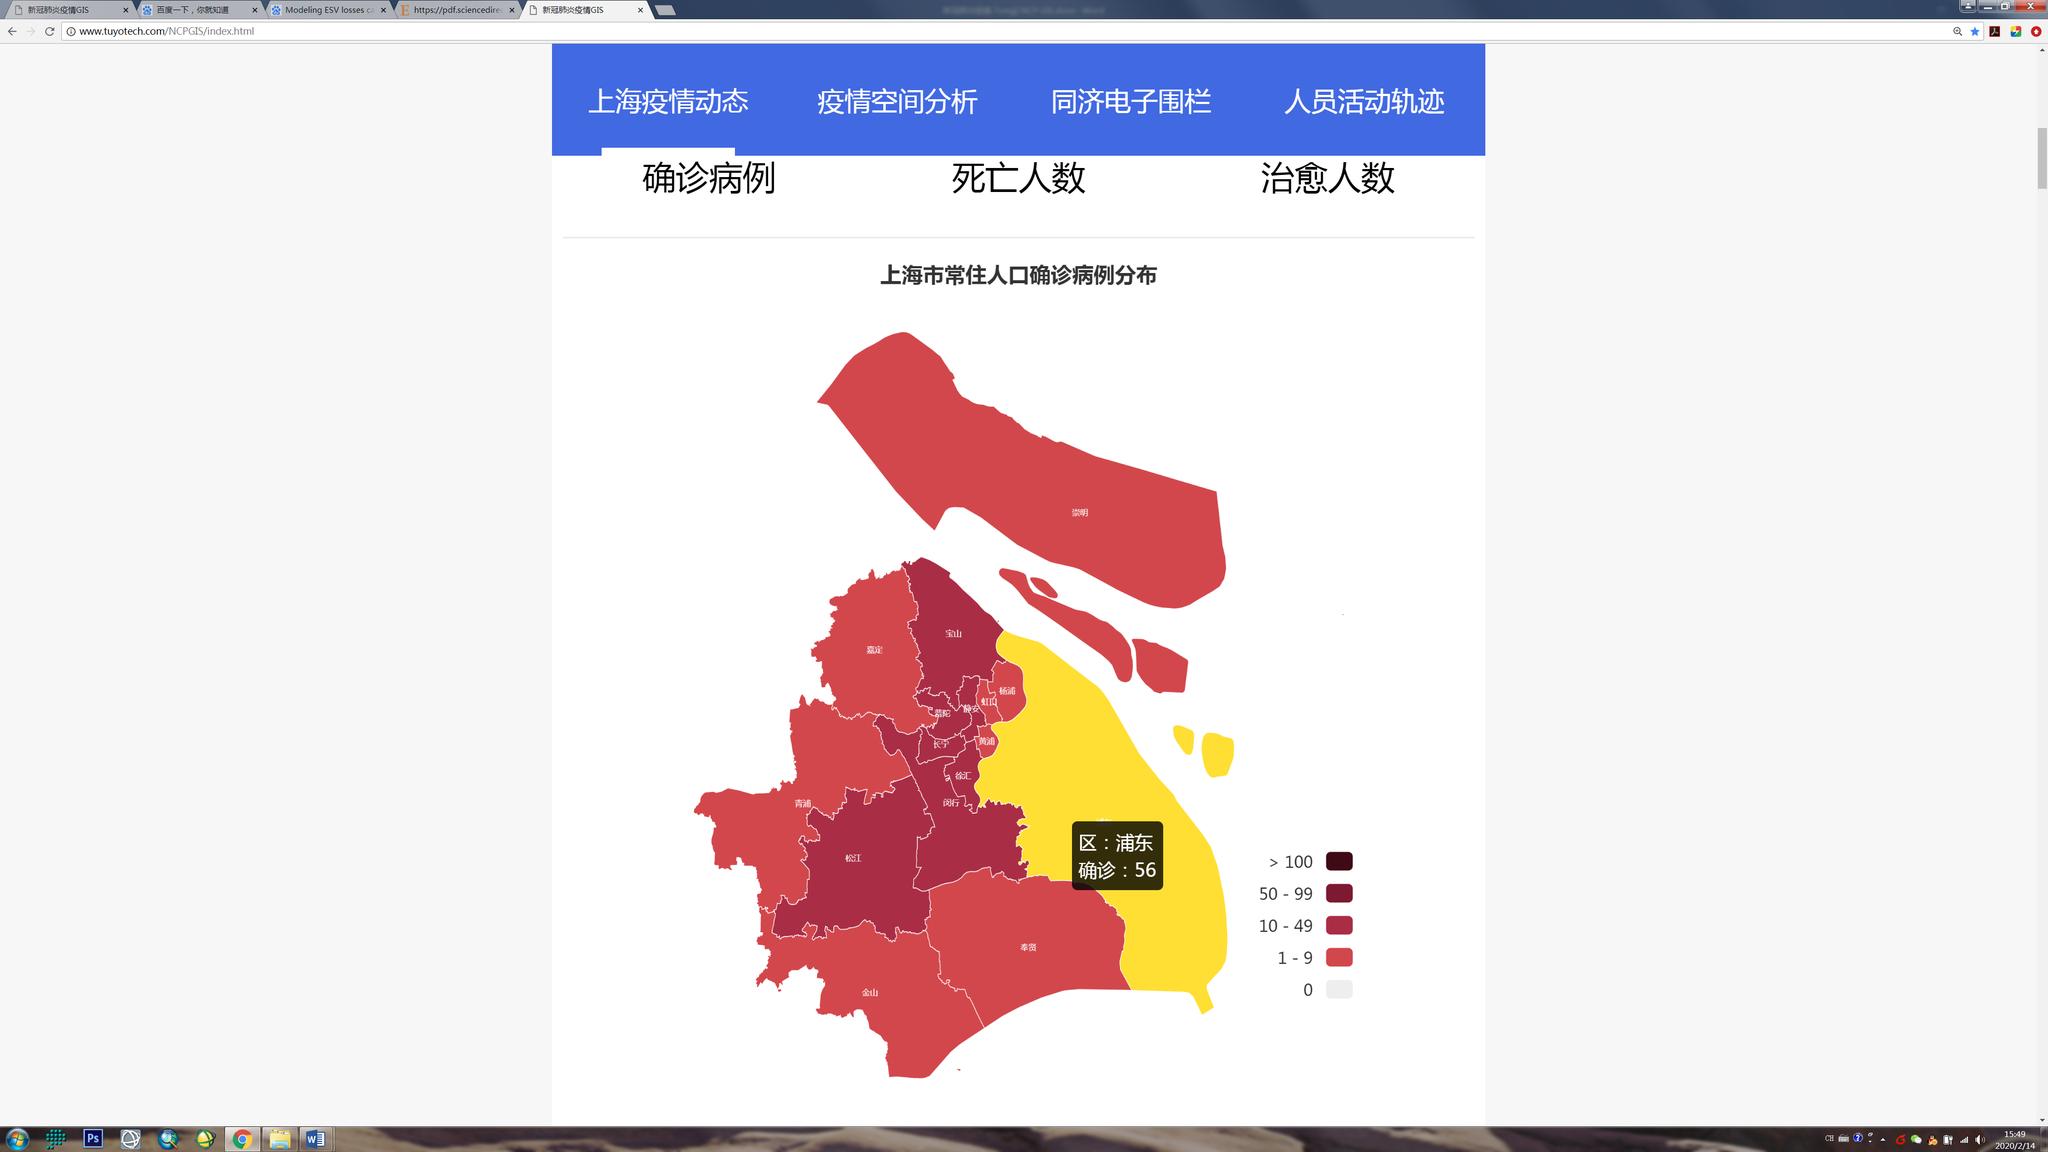 新冠肺炎疫情地理信息系统(Tongji NCP-GIS)界面图